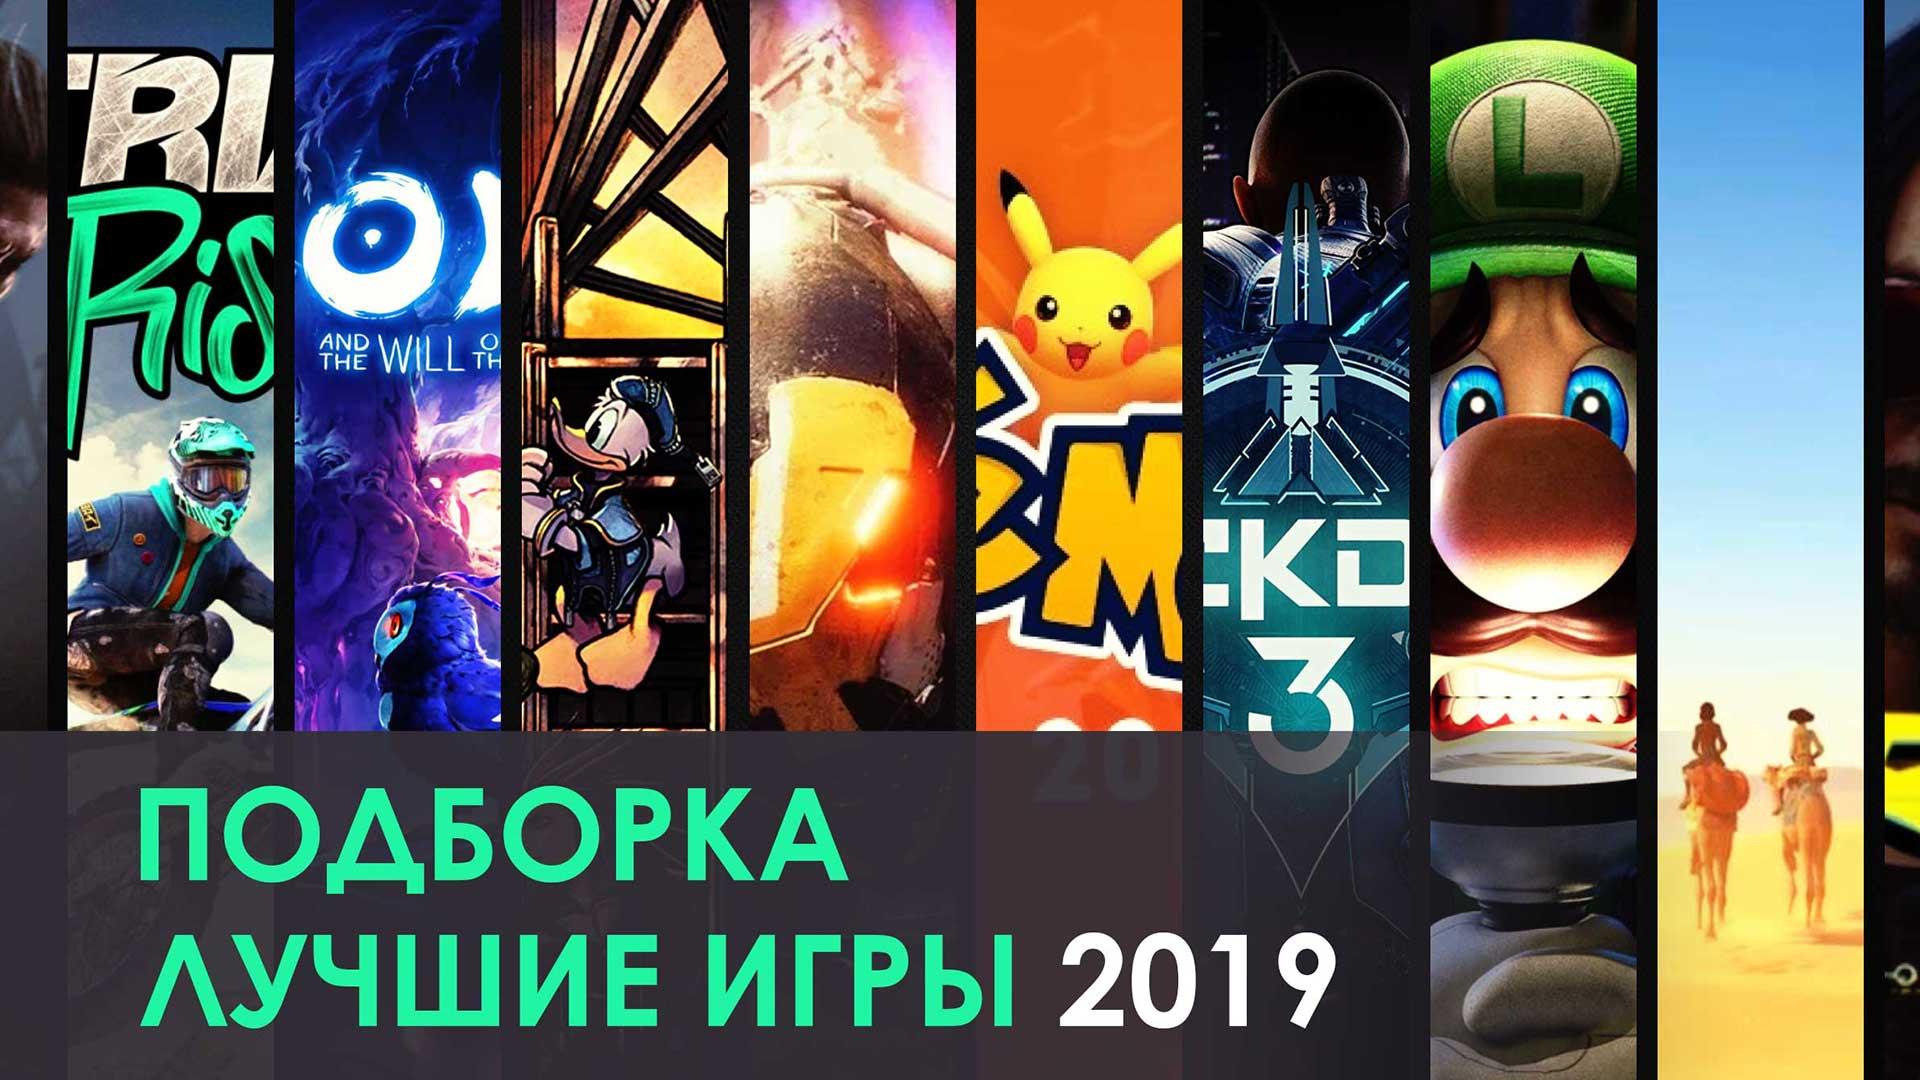 Лучшие игры 2019 года - что ждать от мира видеоигр